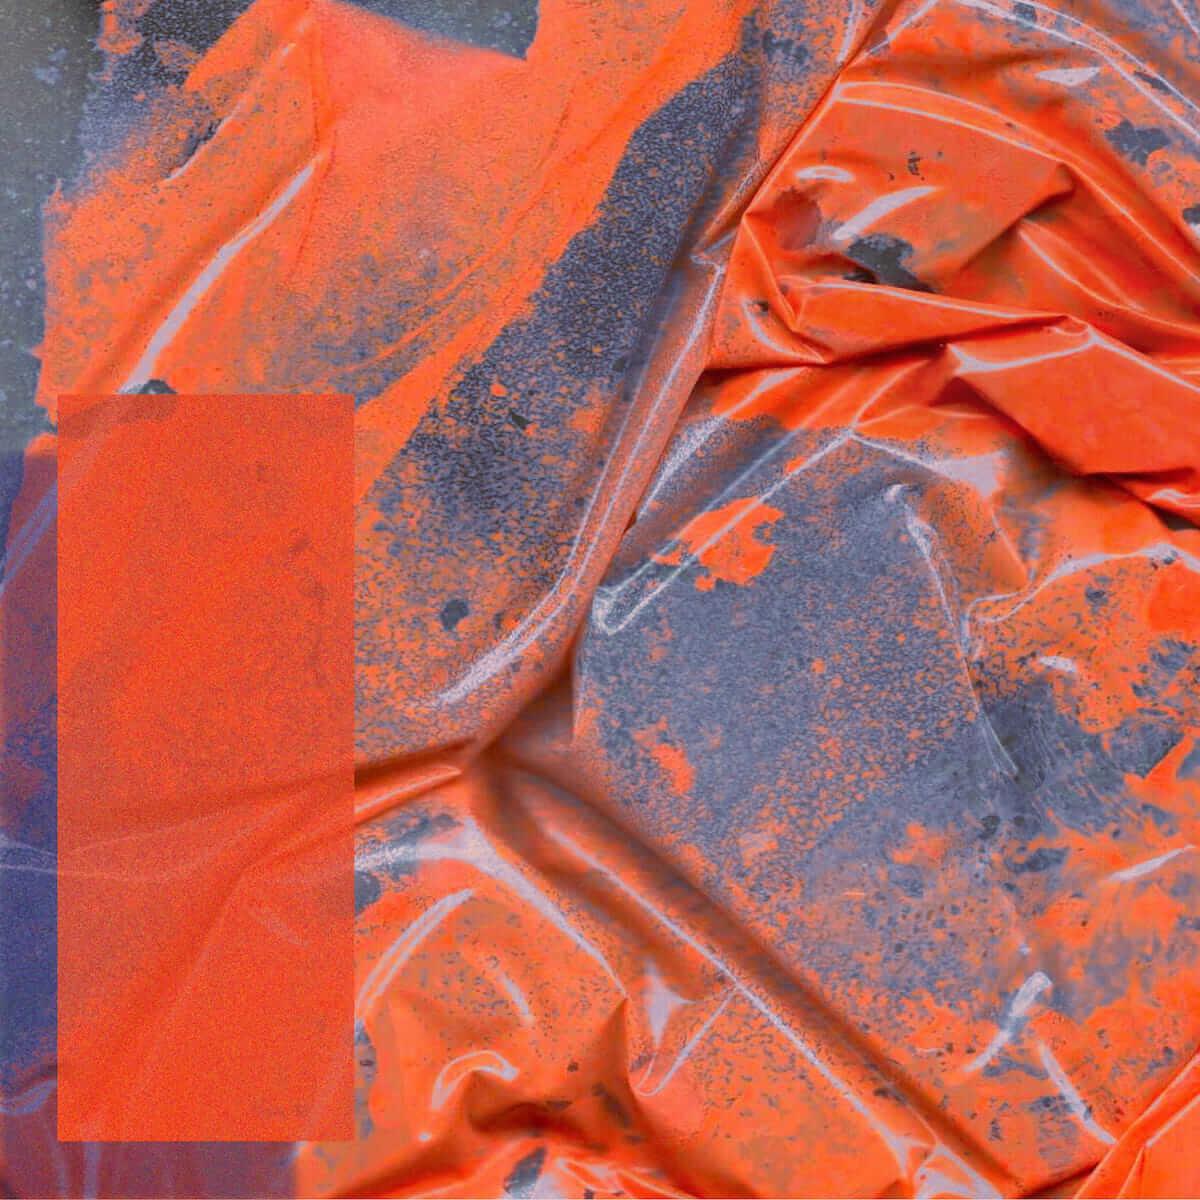 PARKGOLF×韓国の新鋭フィメールラッパー ジャッキー・ワイ、コラボ曲リリース&MV公開! music180611_parkgolf-jvckiwai_3-1200x1200